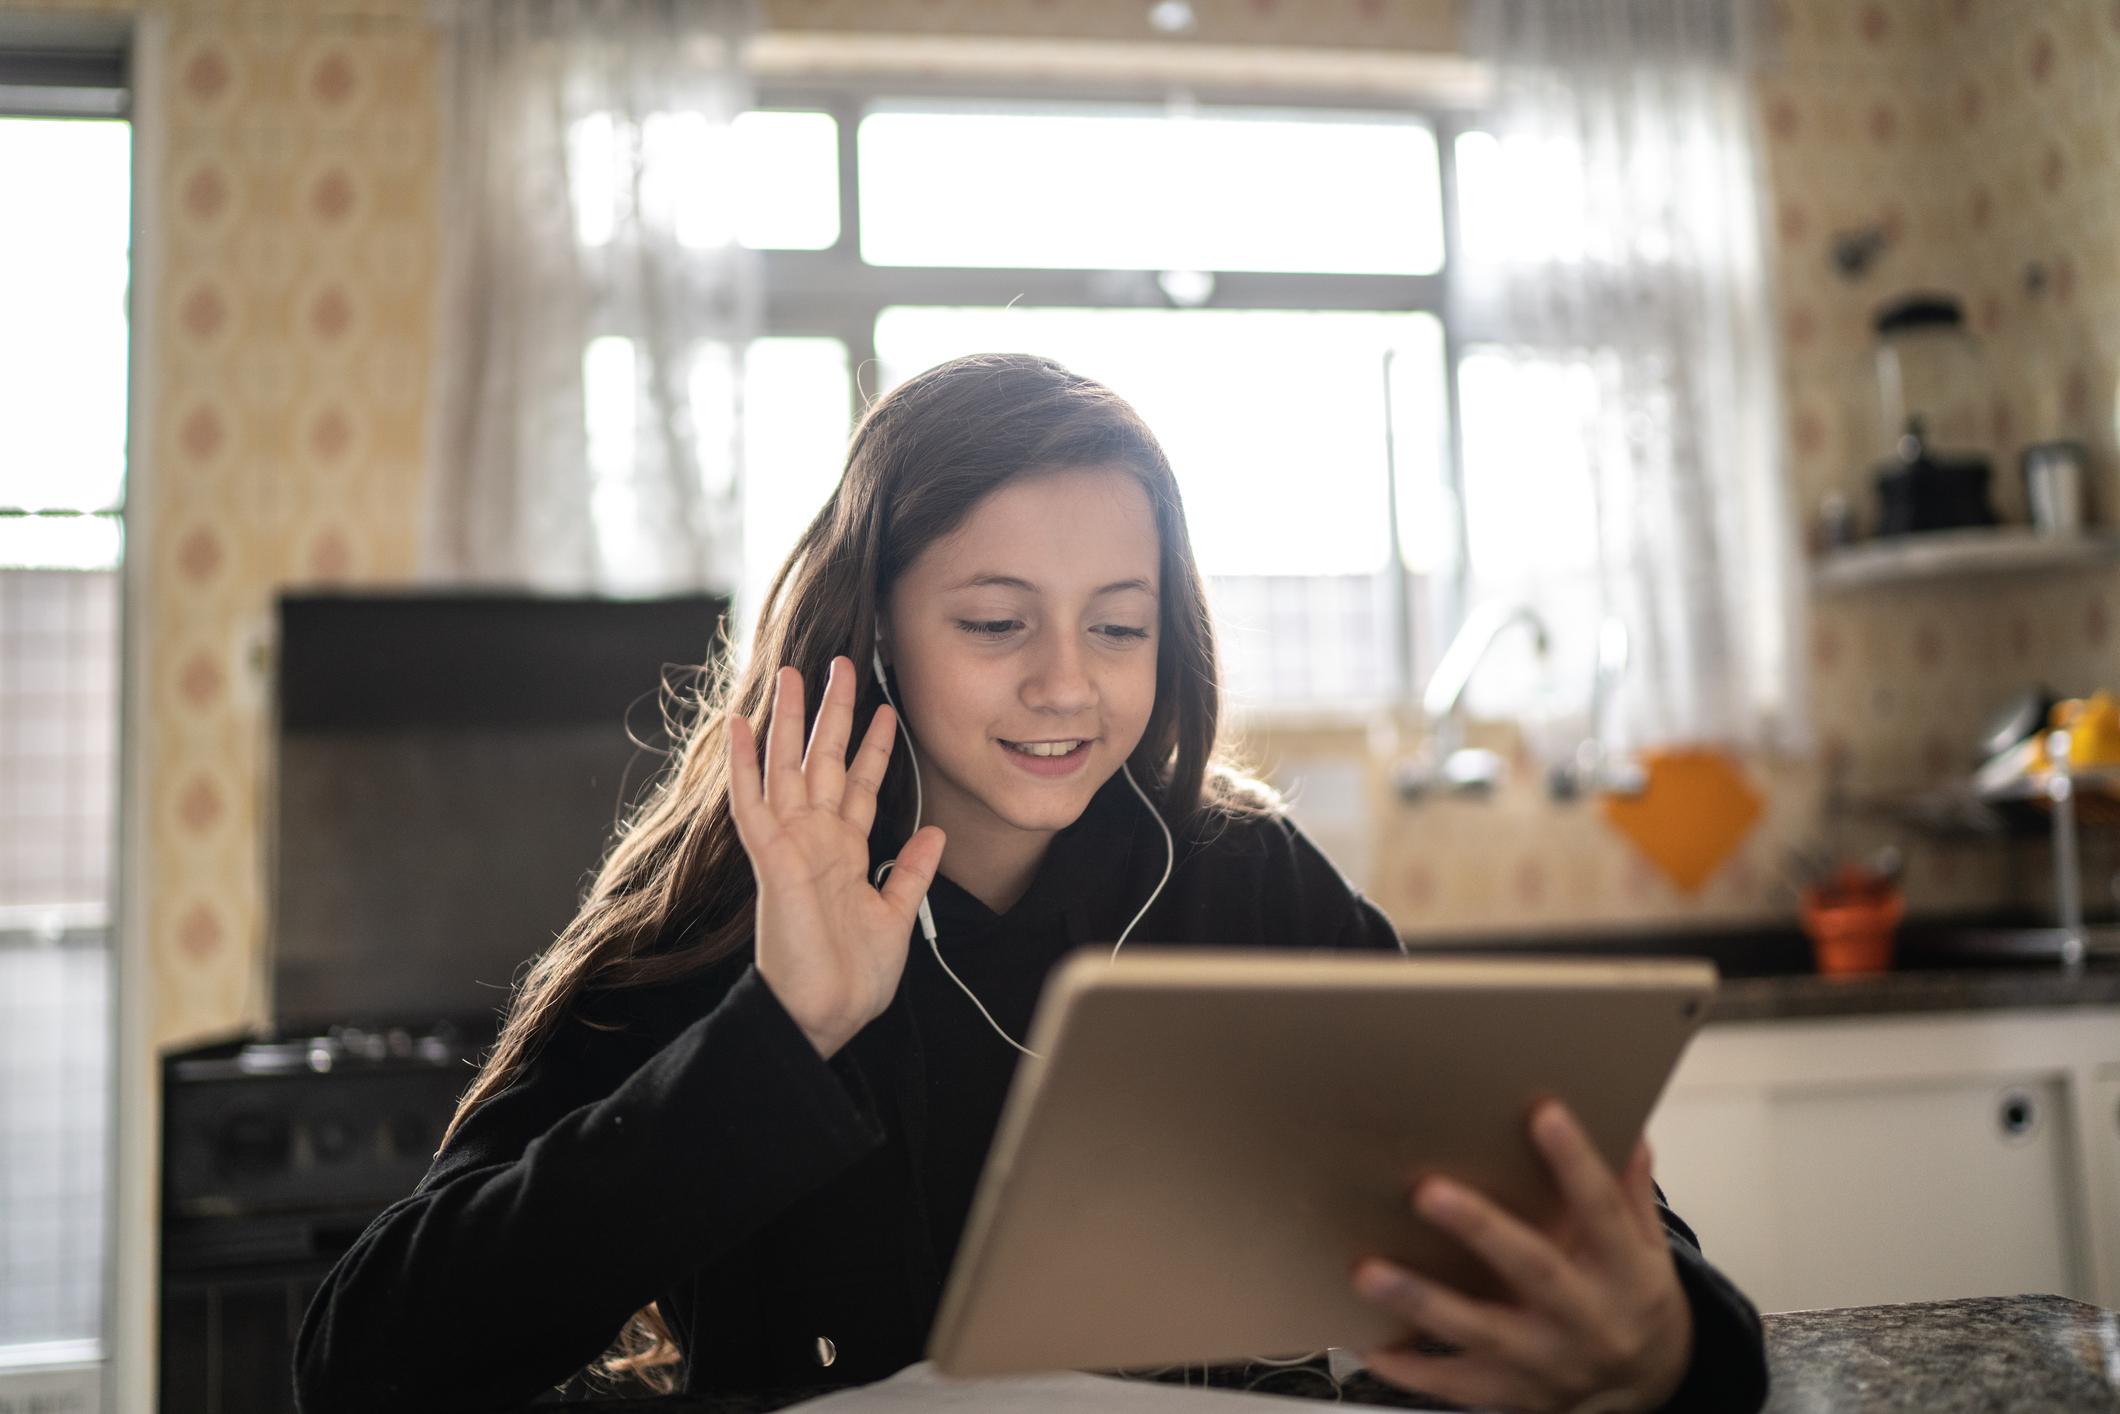 Câmeras ligadas ou desligadas? Porque elas fazem diferença nas aulas on-line